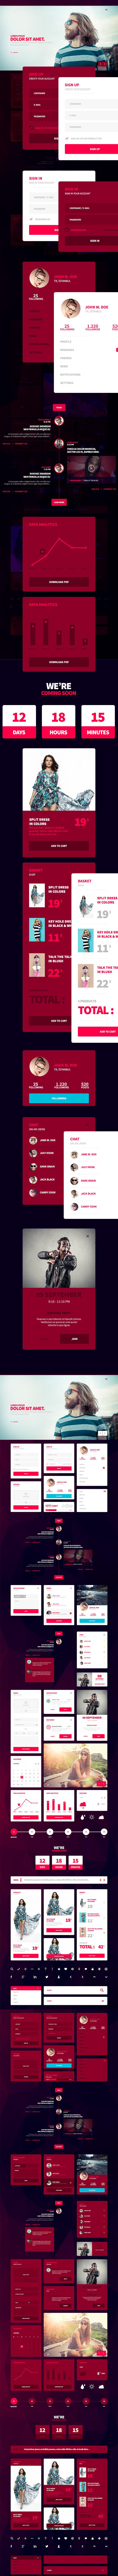 free-web-mobile-ui-kit-full